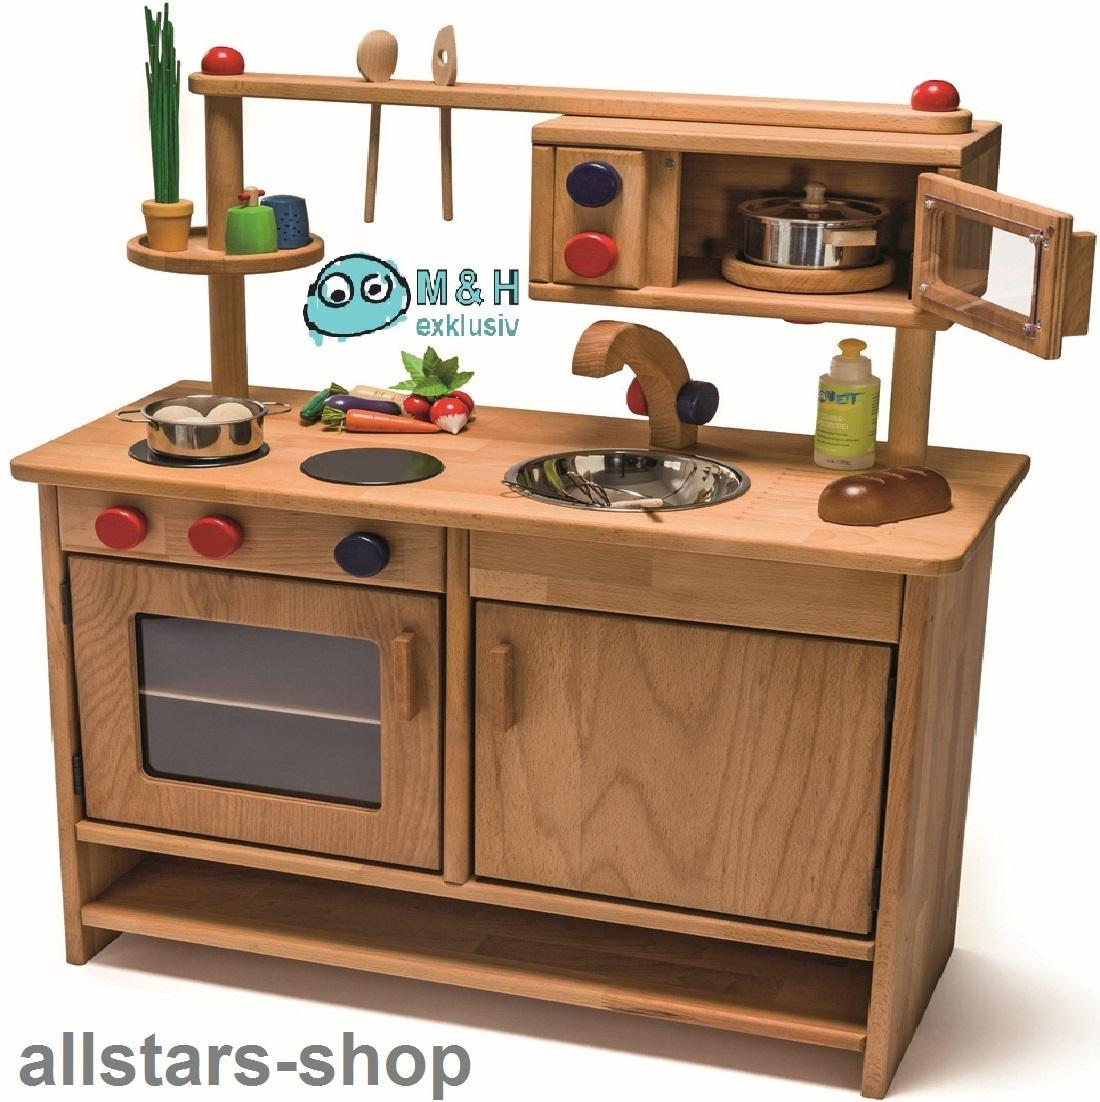 Allstars Spielküche Kinderküche Holz Pantryküche aus Massivholz mit  Spülbecken und Mikrowelle